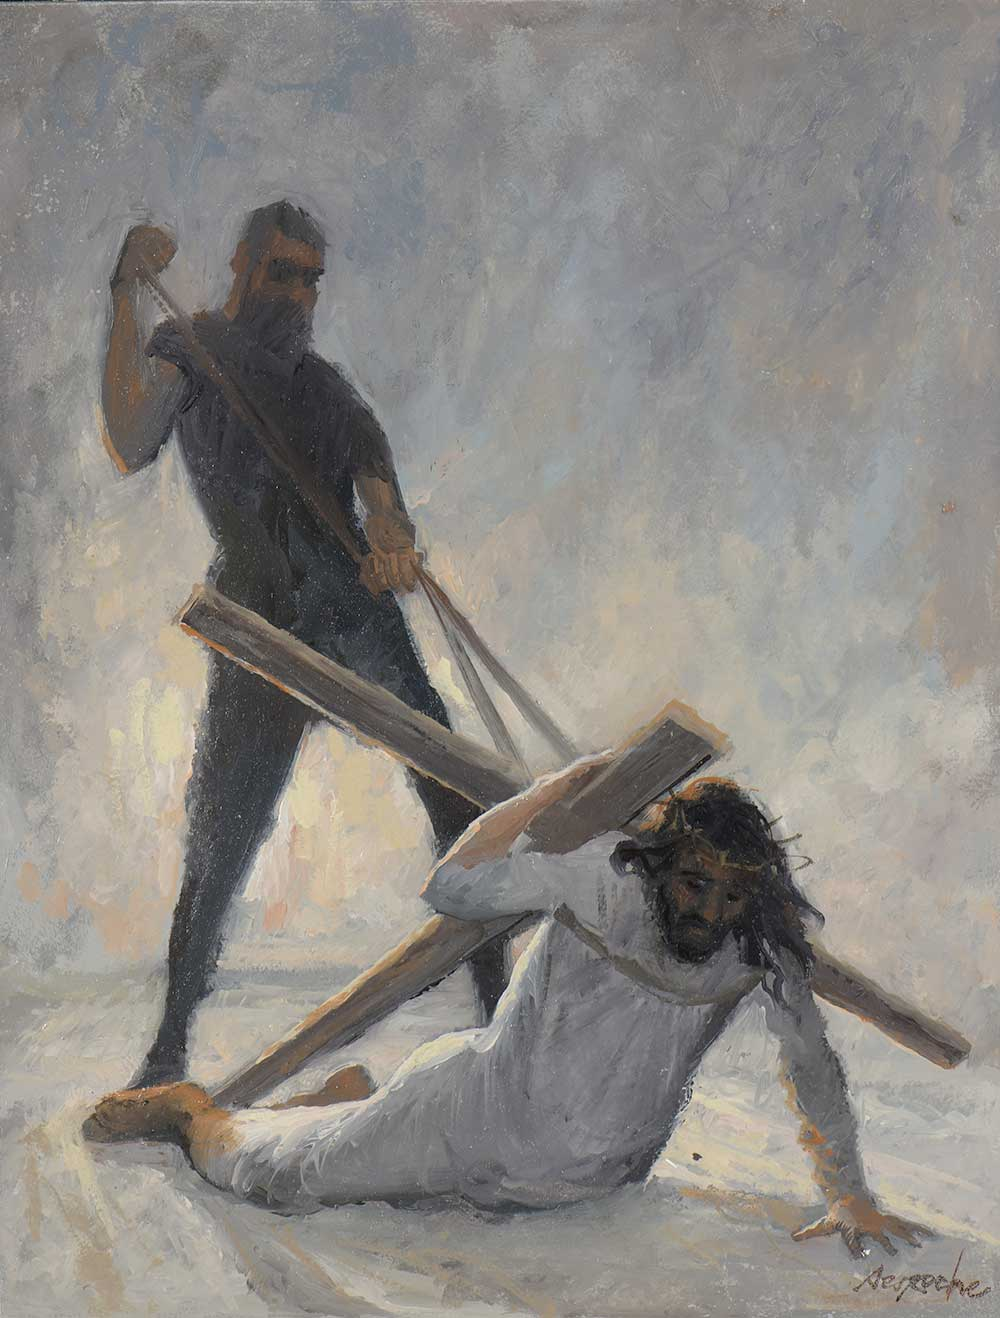 Esquisse Jésus tombe pour la deuxième fois